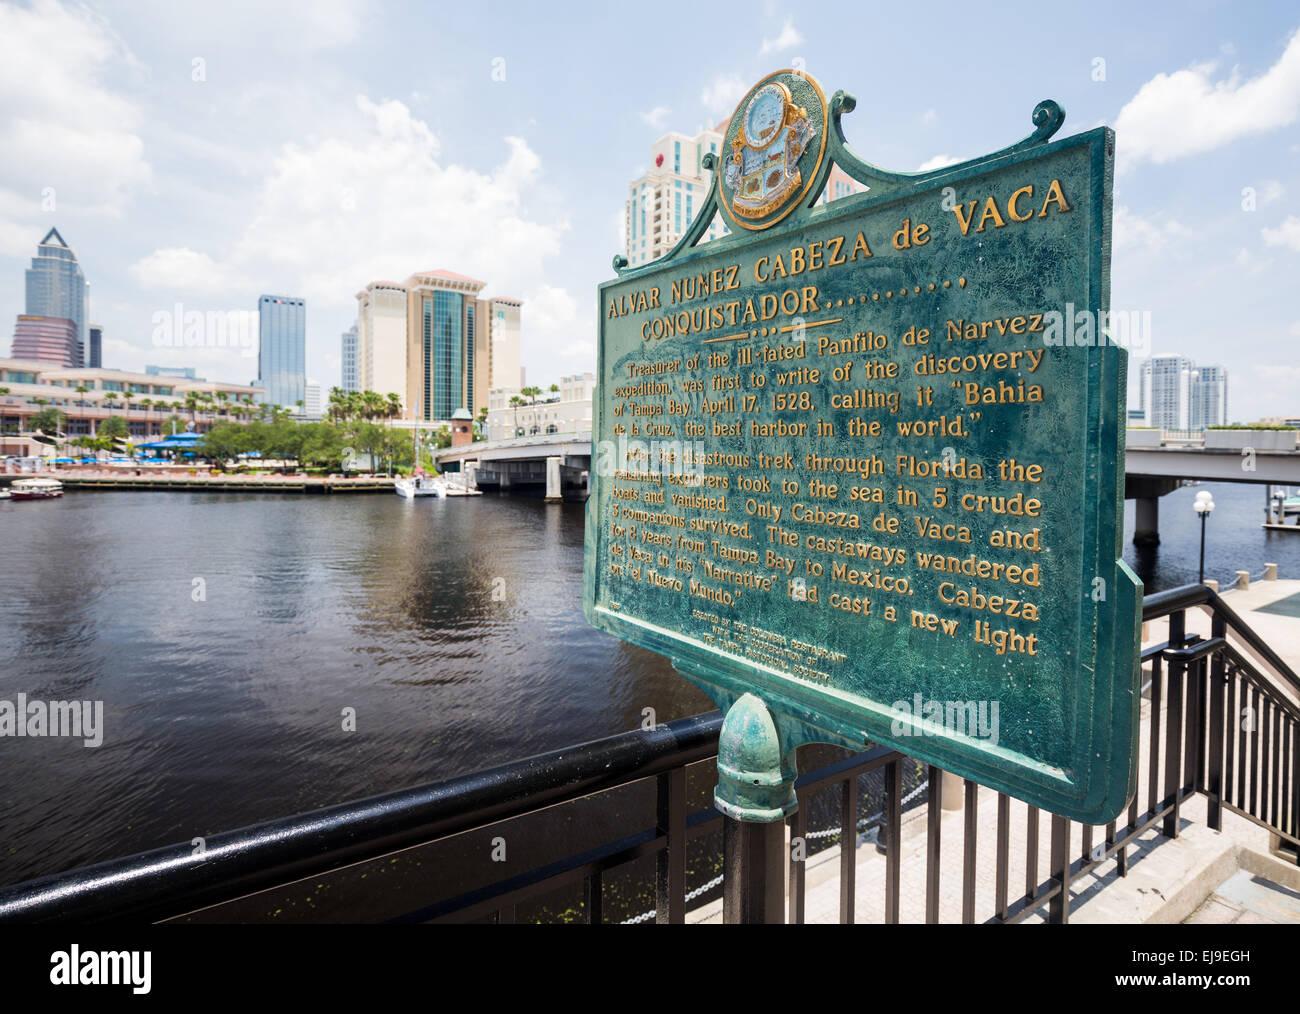 Cabeza de Vaca signpost Tampa Florida - Stock Image